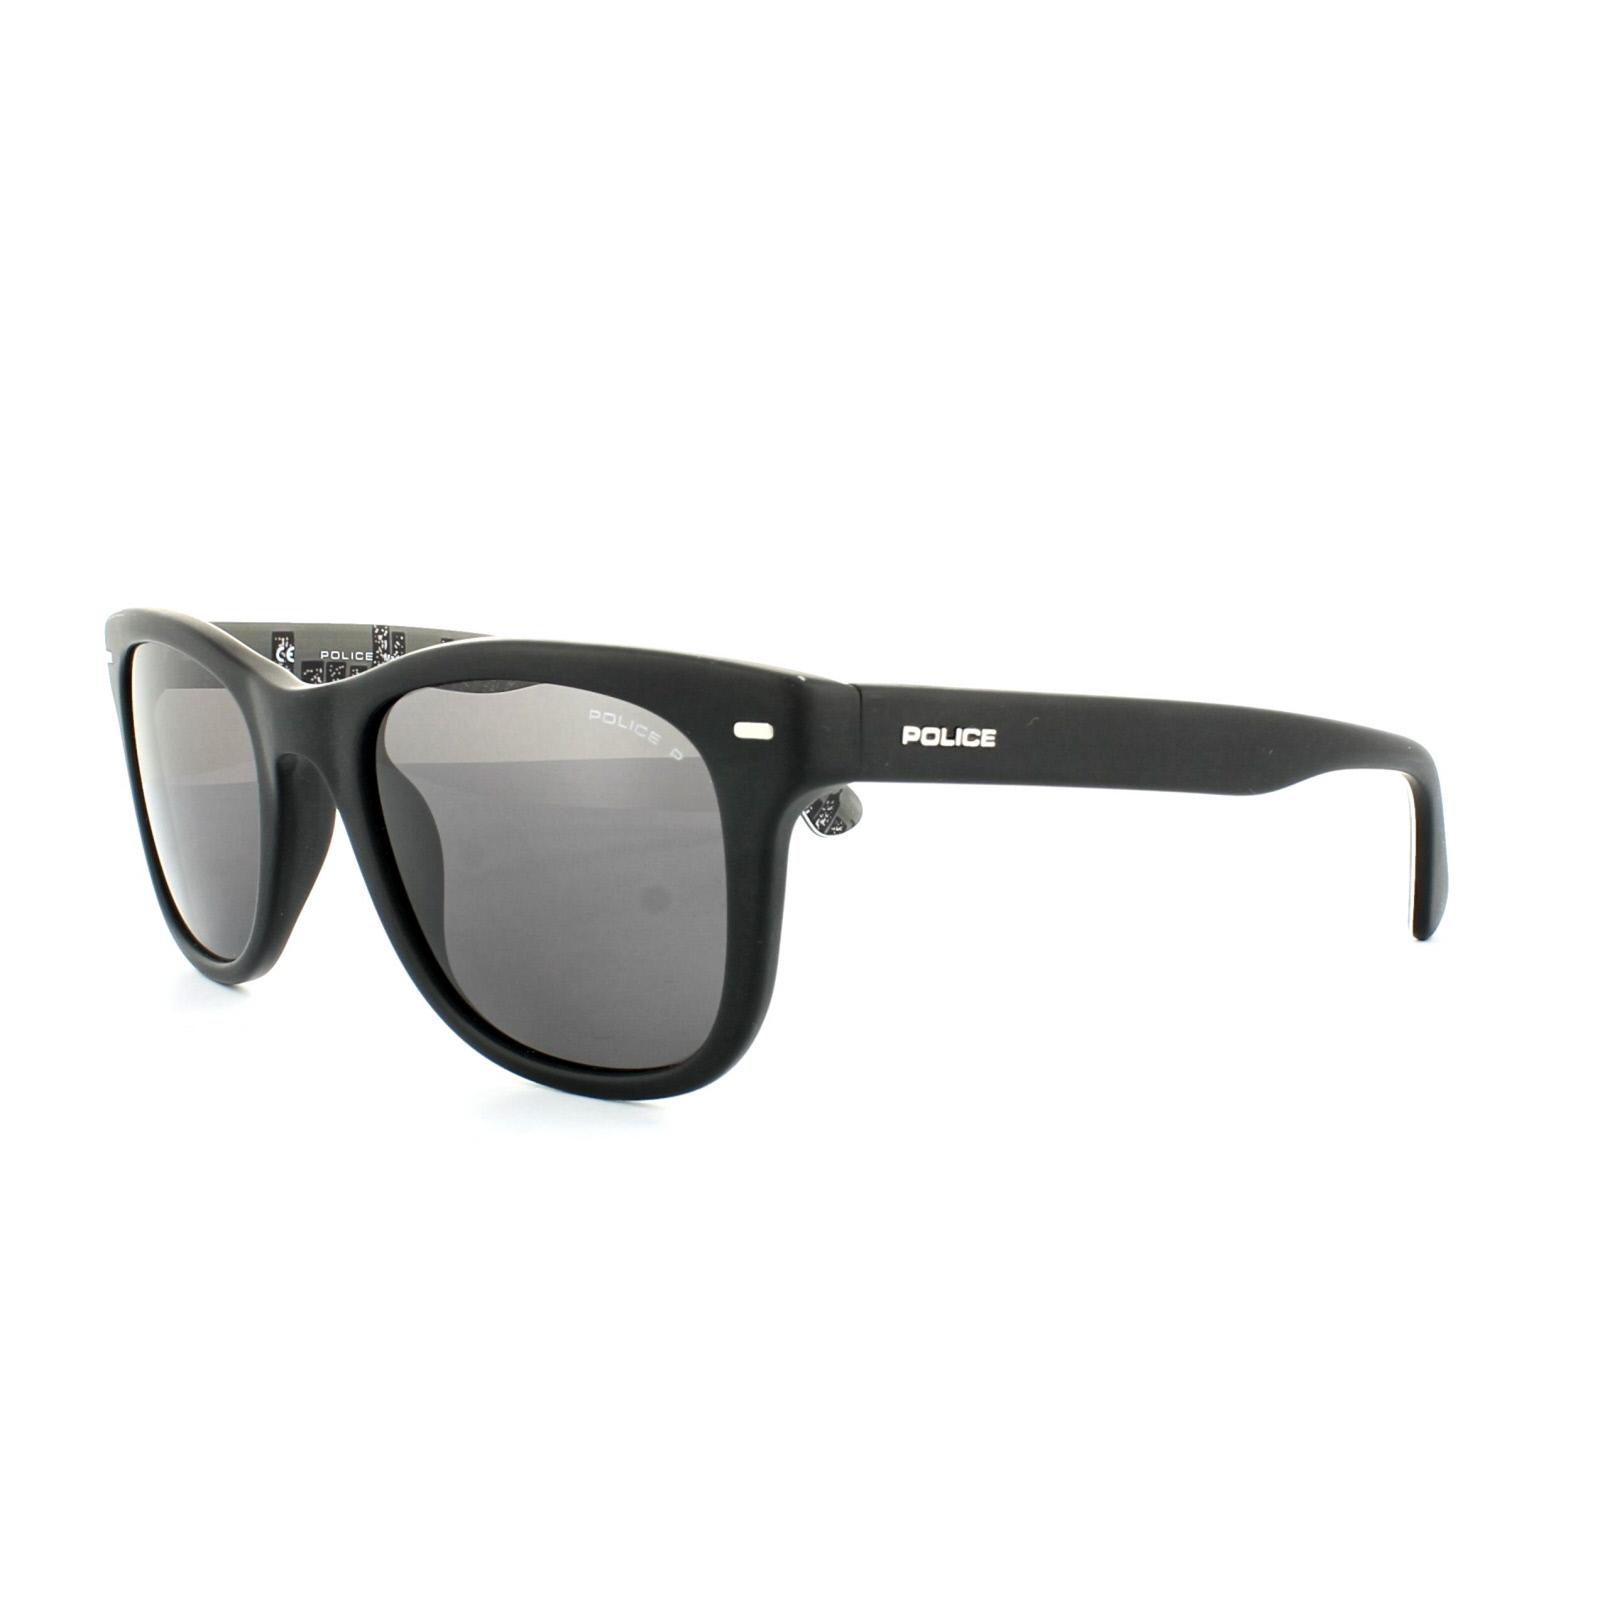 19231c37c405 Police Sunglasses Ebay Uk